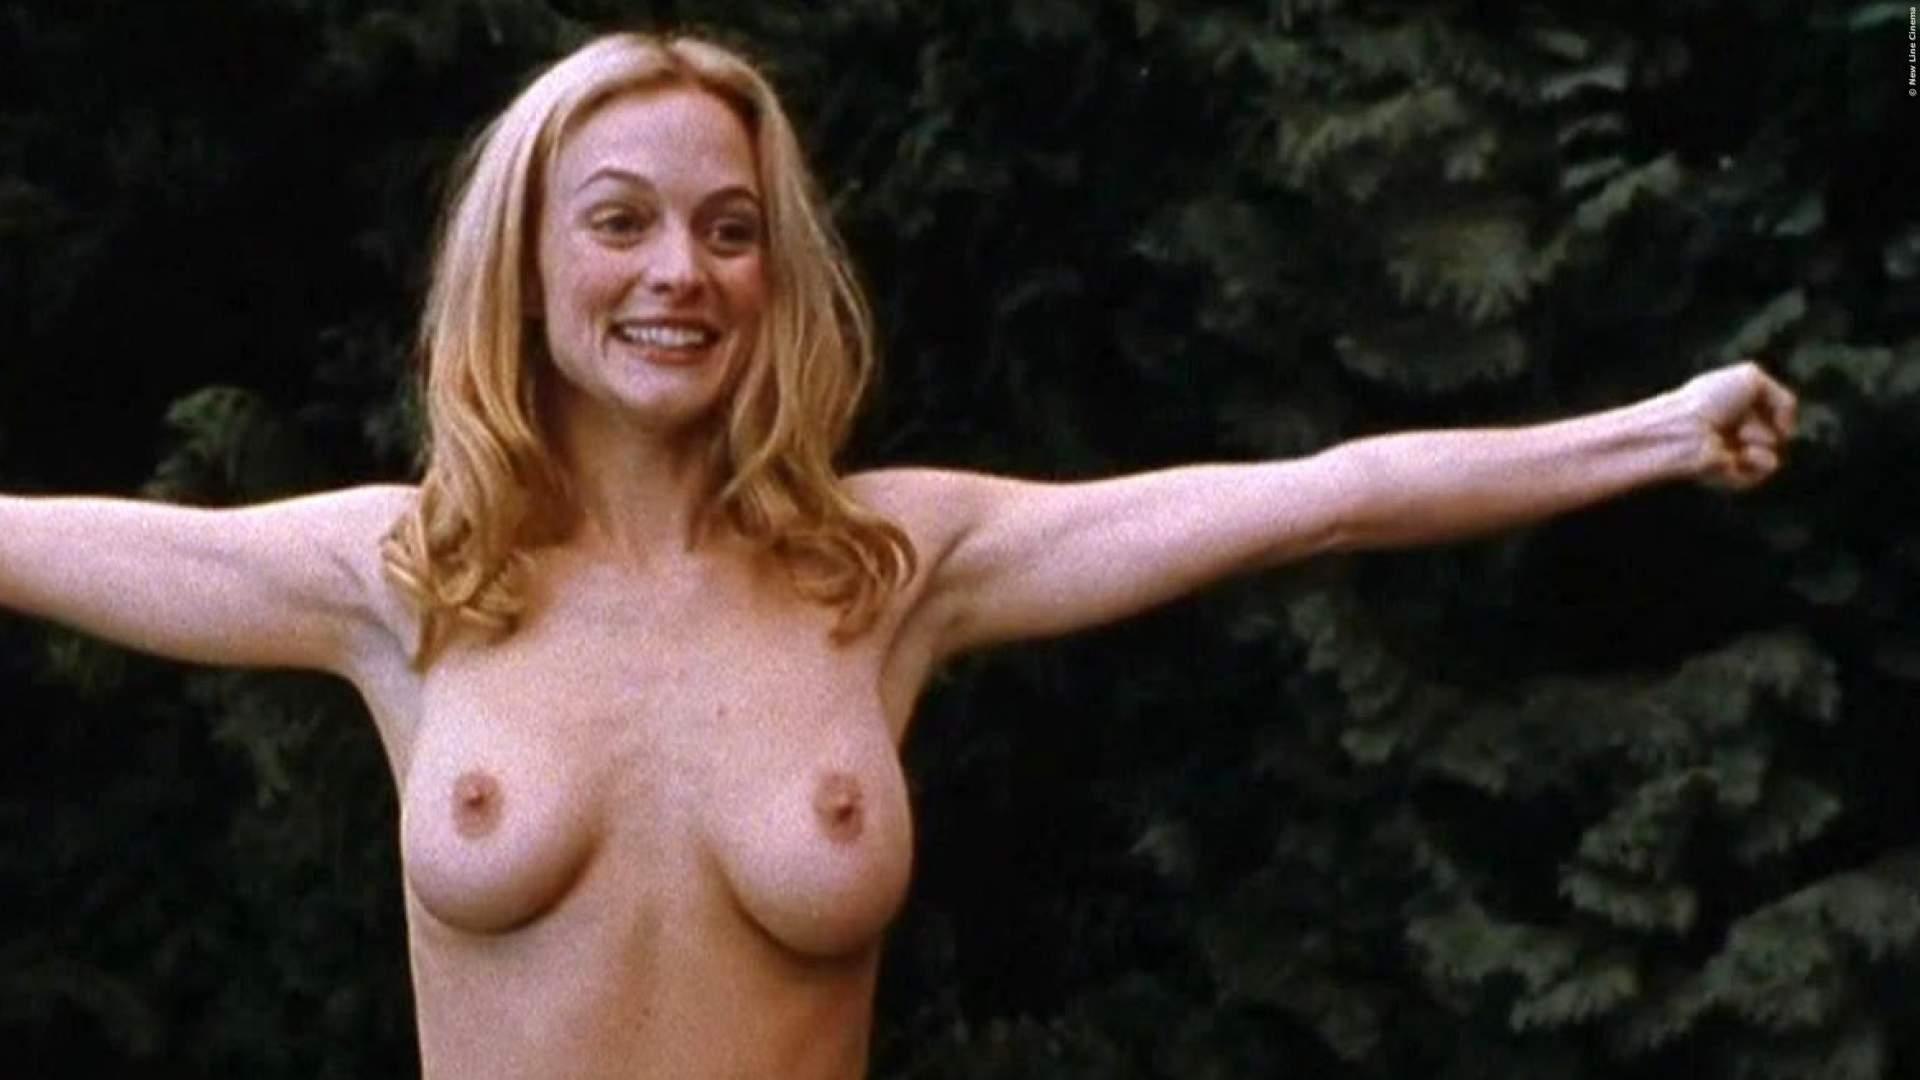 Top 30 Nacktszenen weiblicher Hollywoodstars - Bild 9 von 31